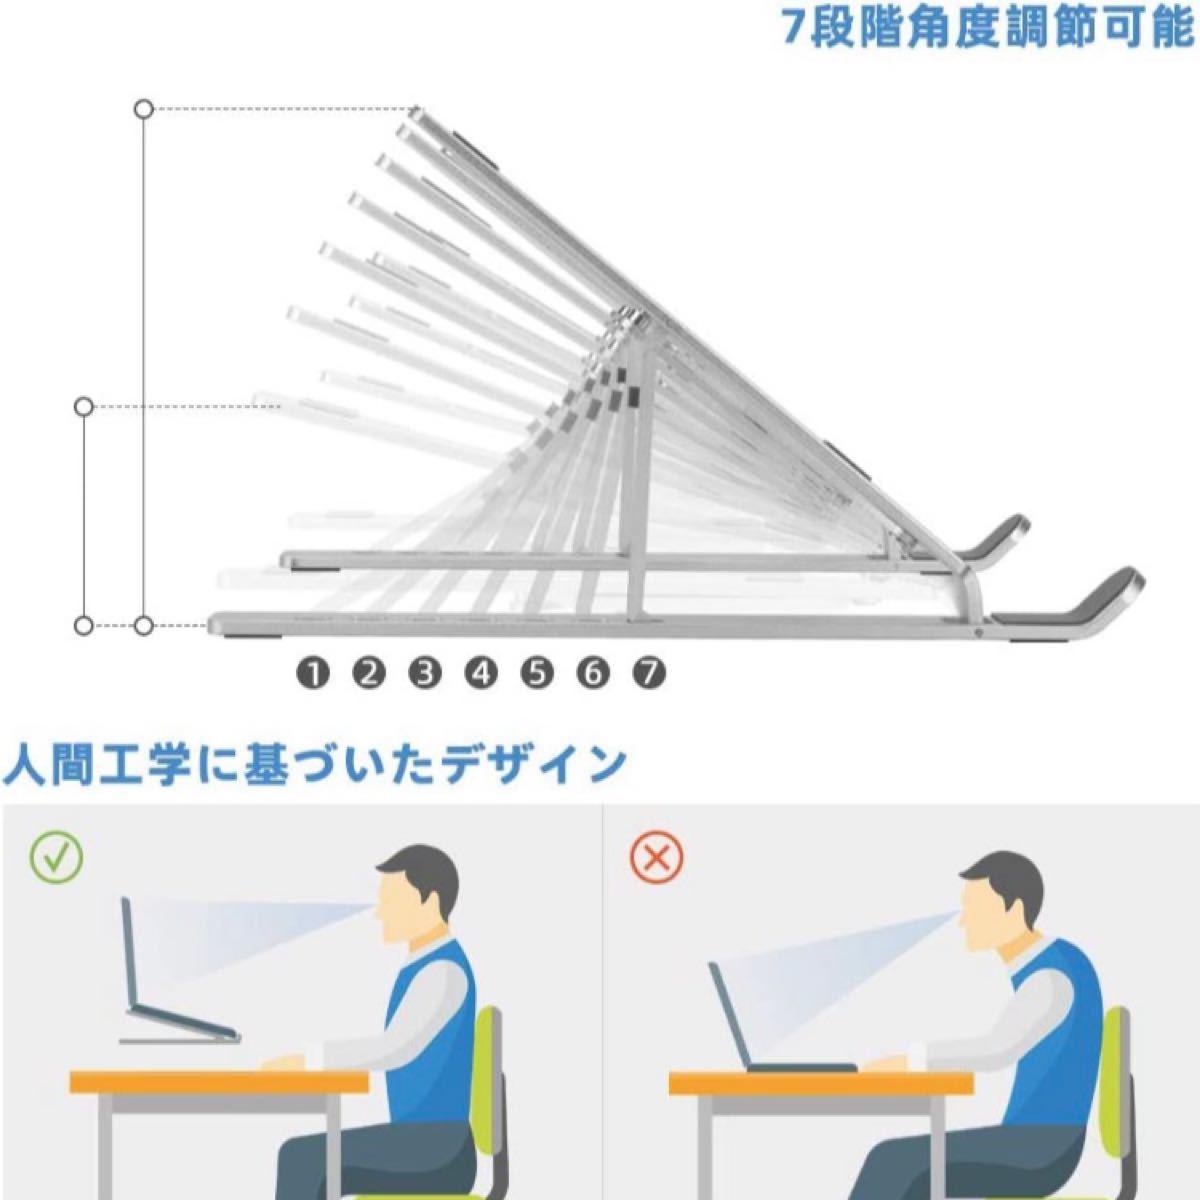 ノートパソコンスタンド パソコンスタンドPCスタンド高さ/角度調整調整可能(銀)